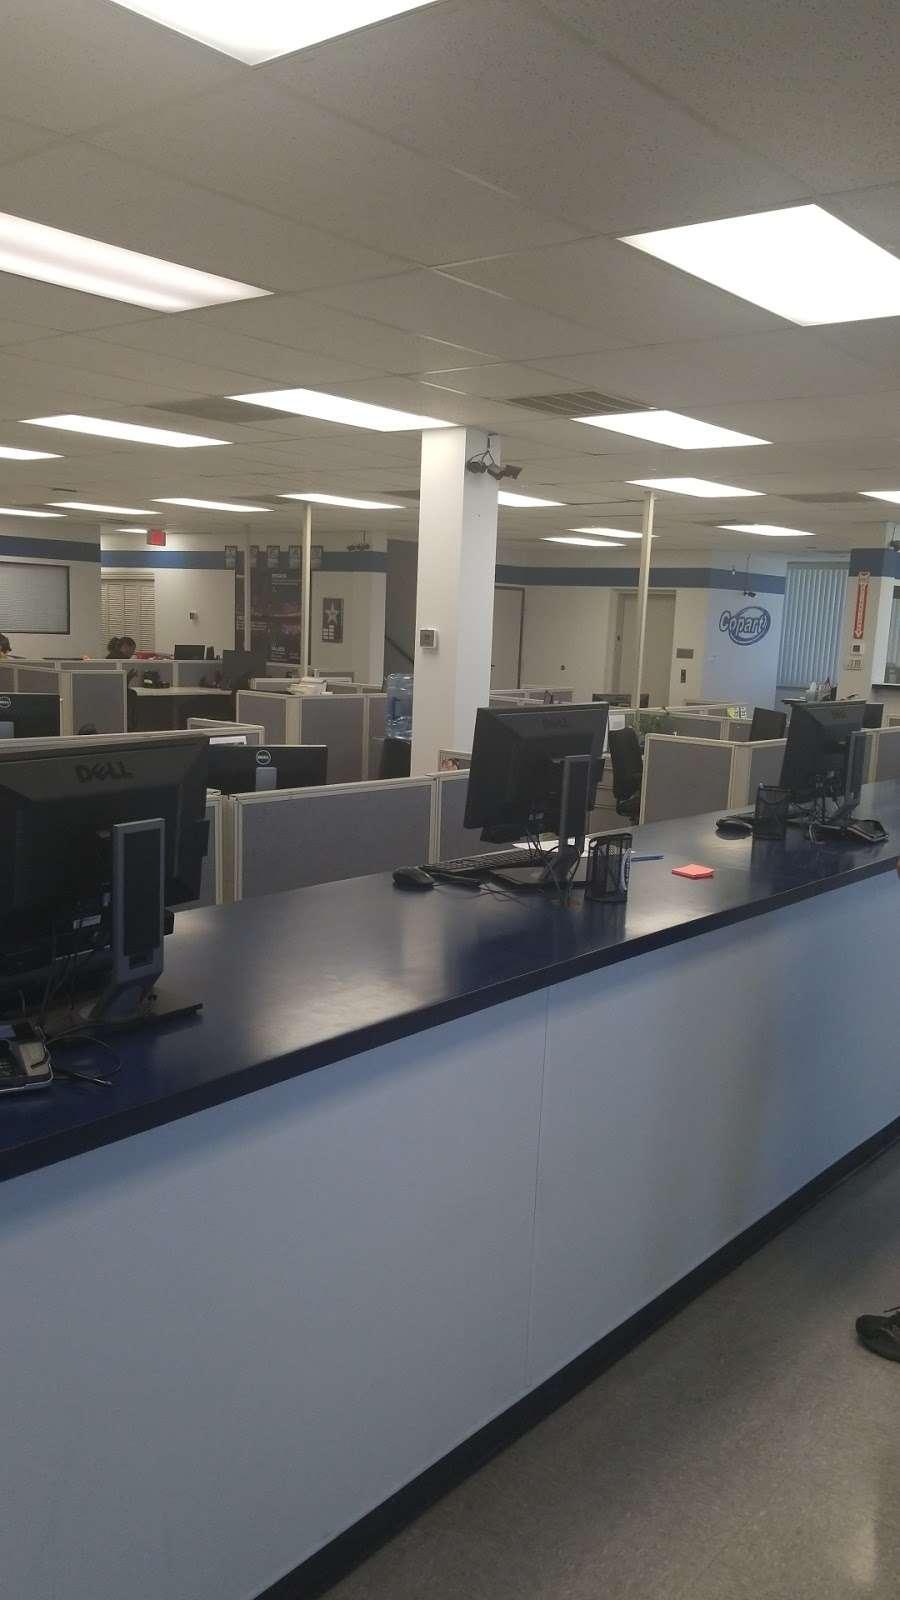 Copart - Dallas - car dealer  | Photo 6 of 10 | Address: 505 Idlewild Rd Building 1, Grand Prairie, TX 75051, USA | Phone: (972) 263-2711